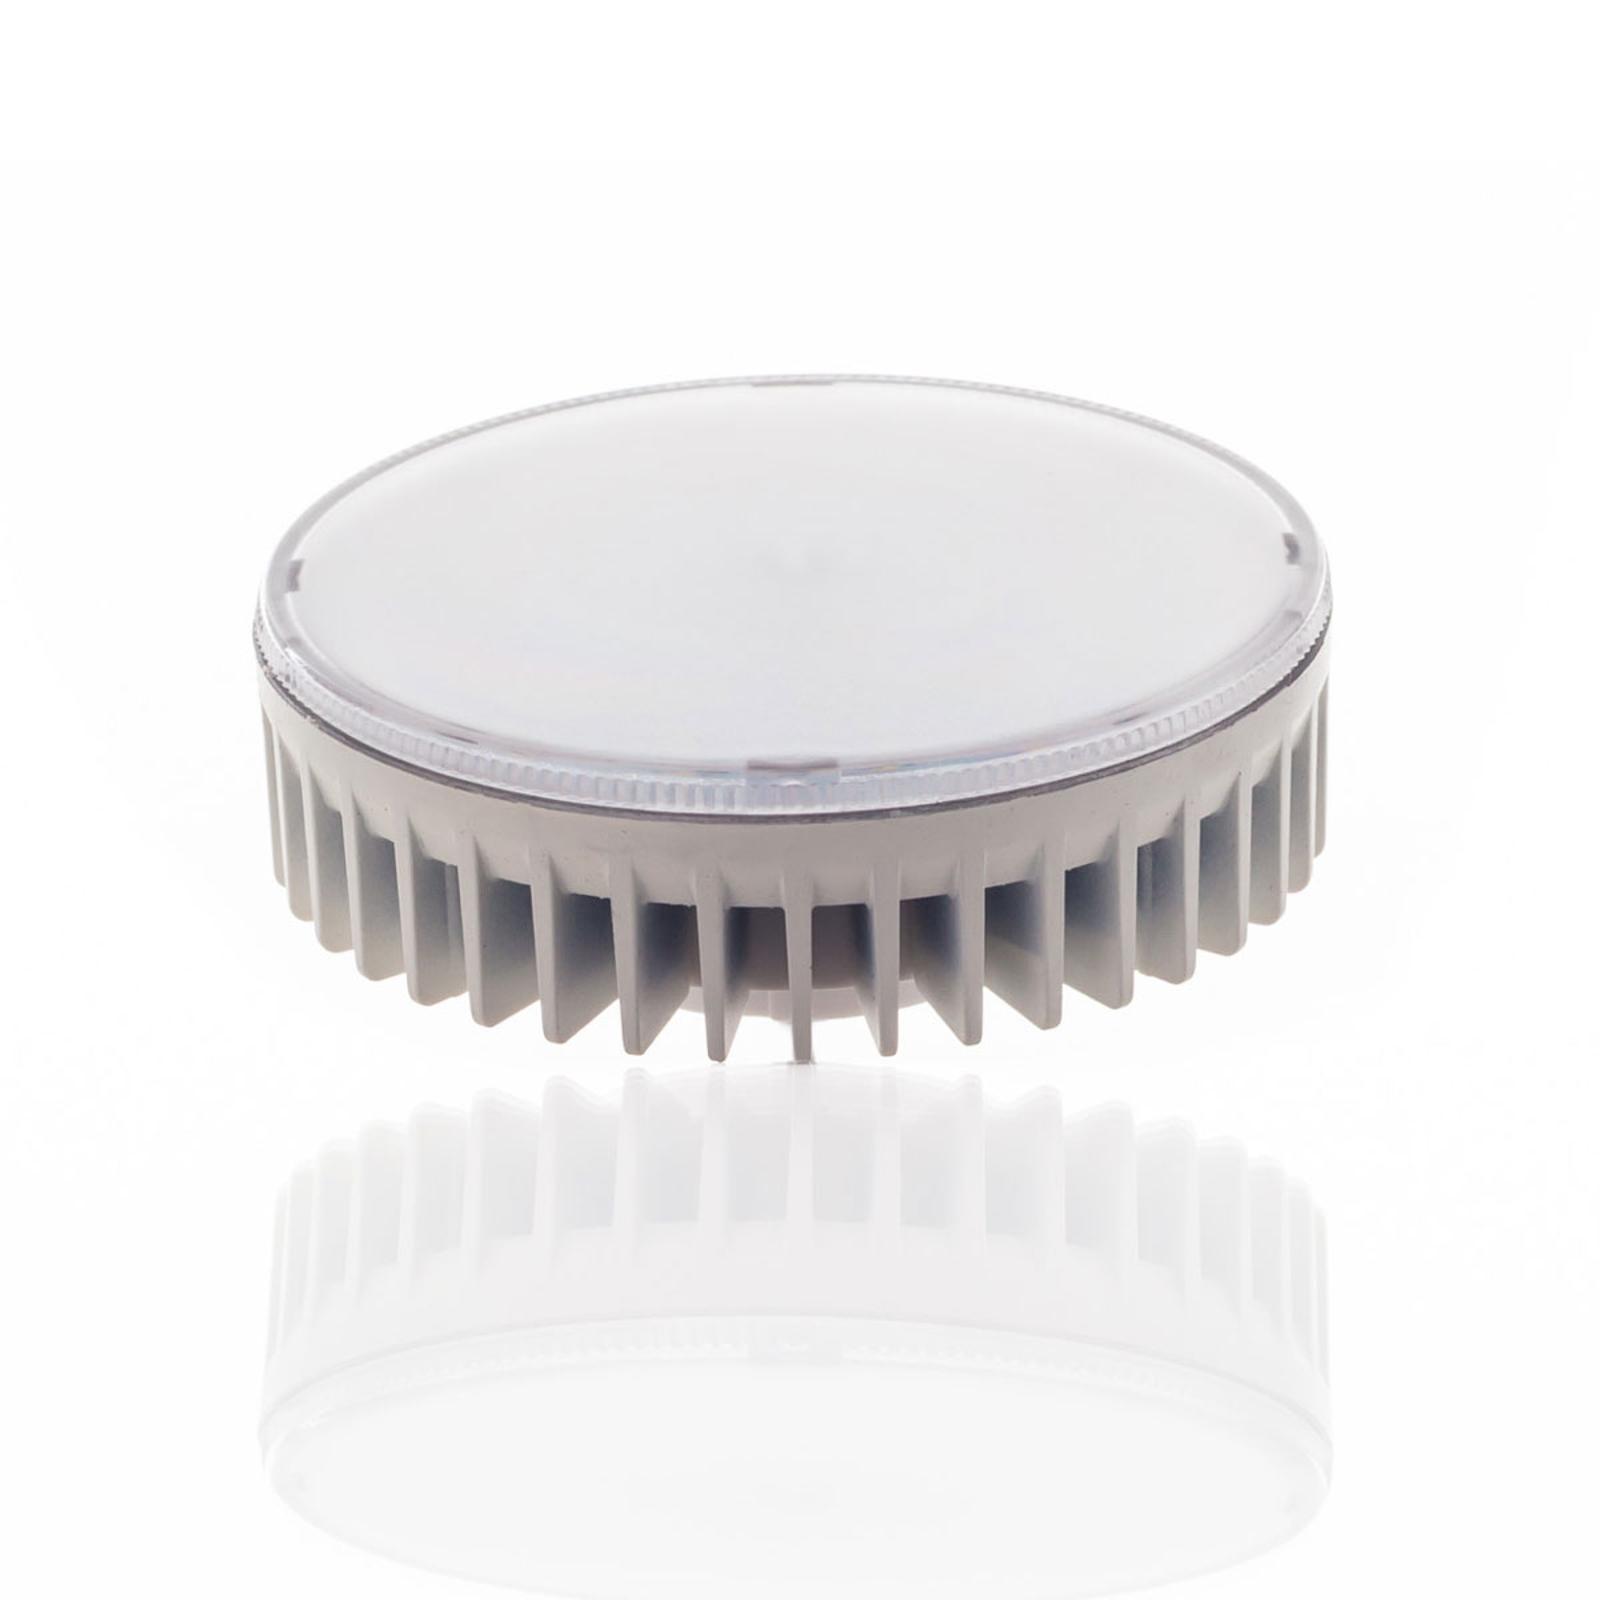 GX53 7 W LED-pære, 800lm, 3000/4000/6500K